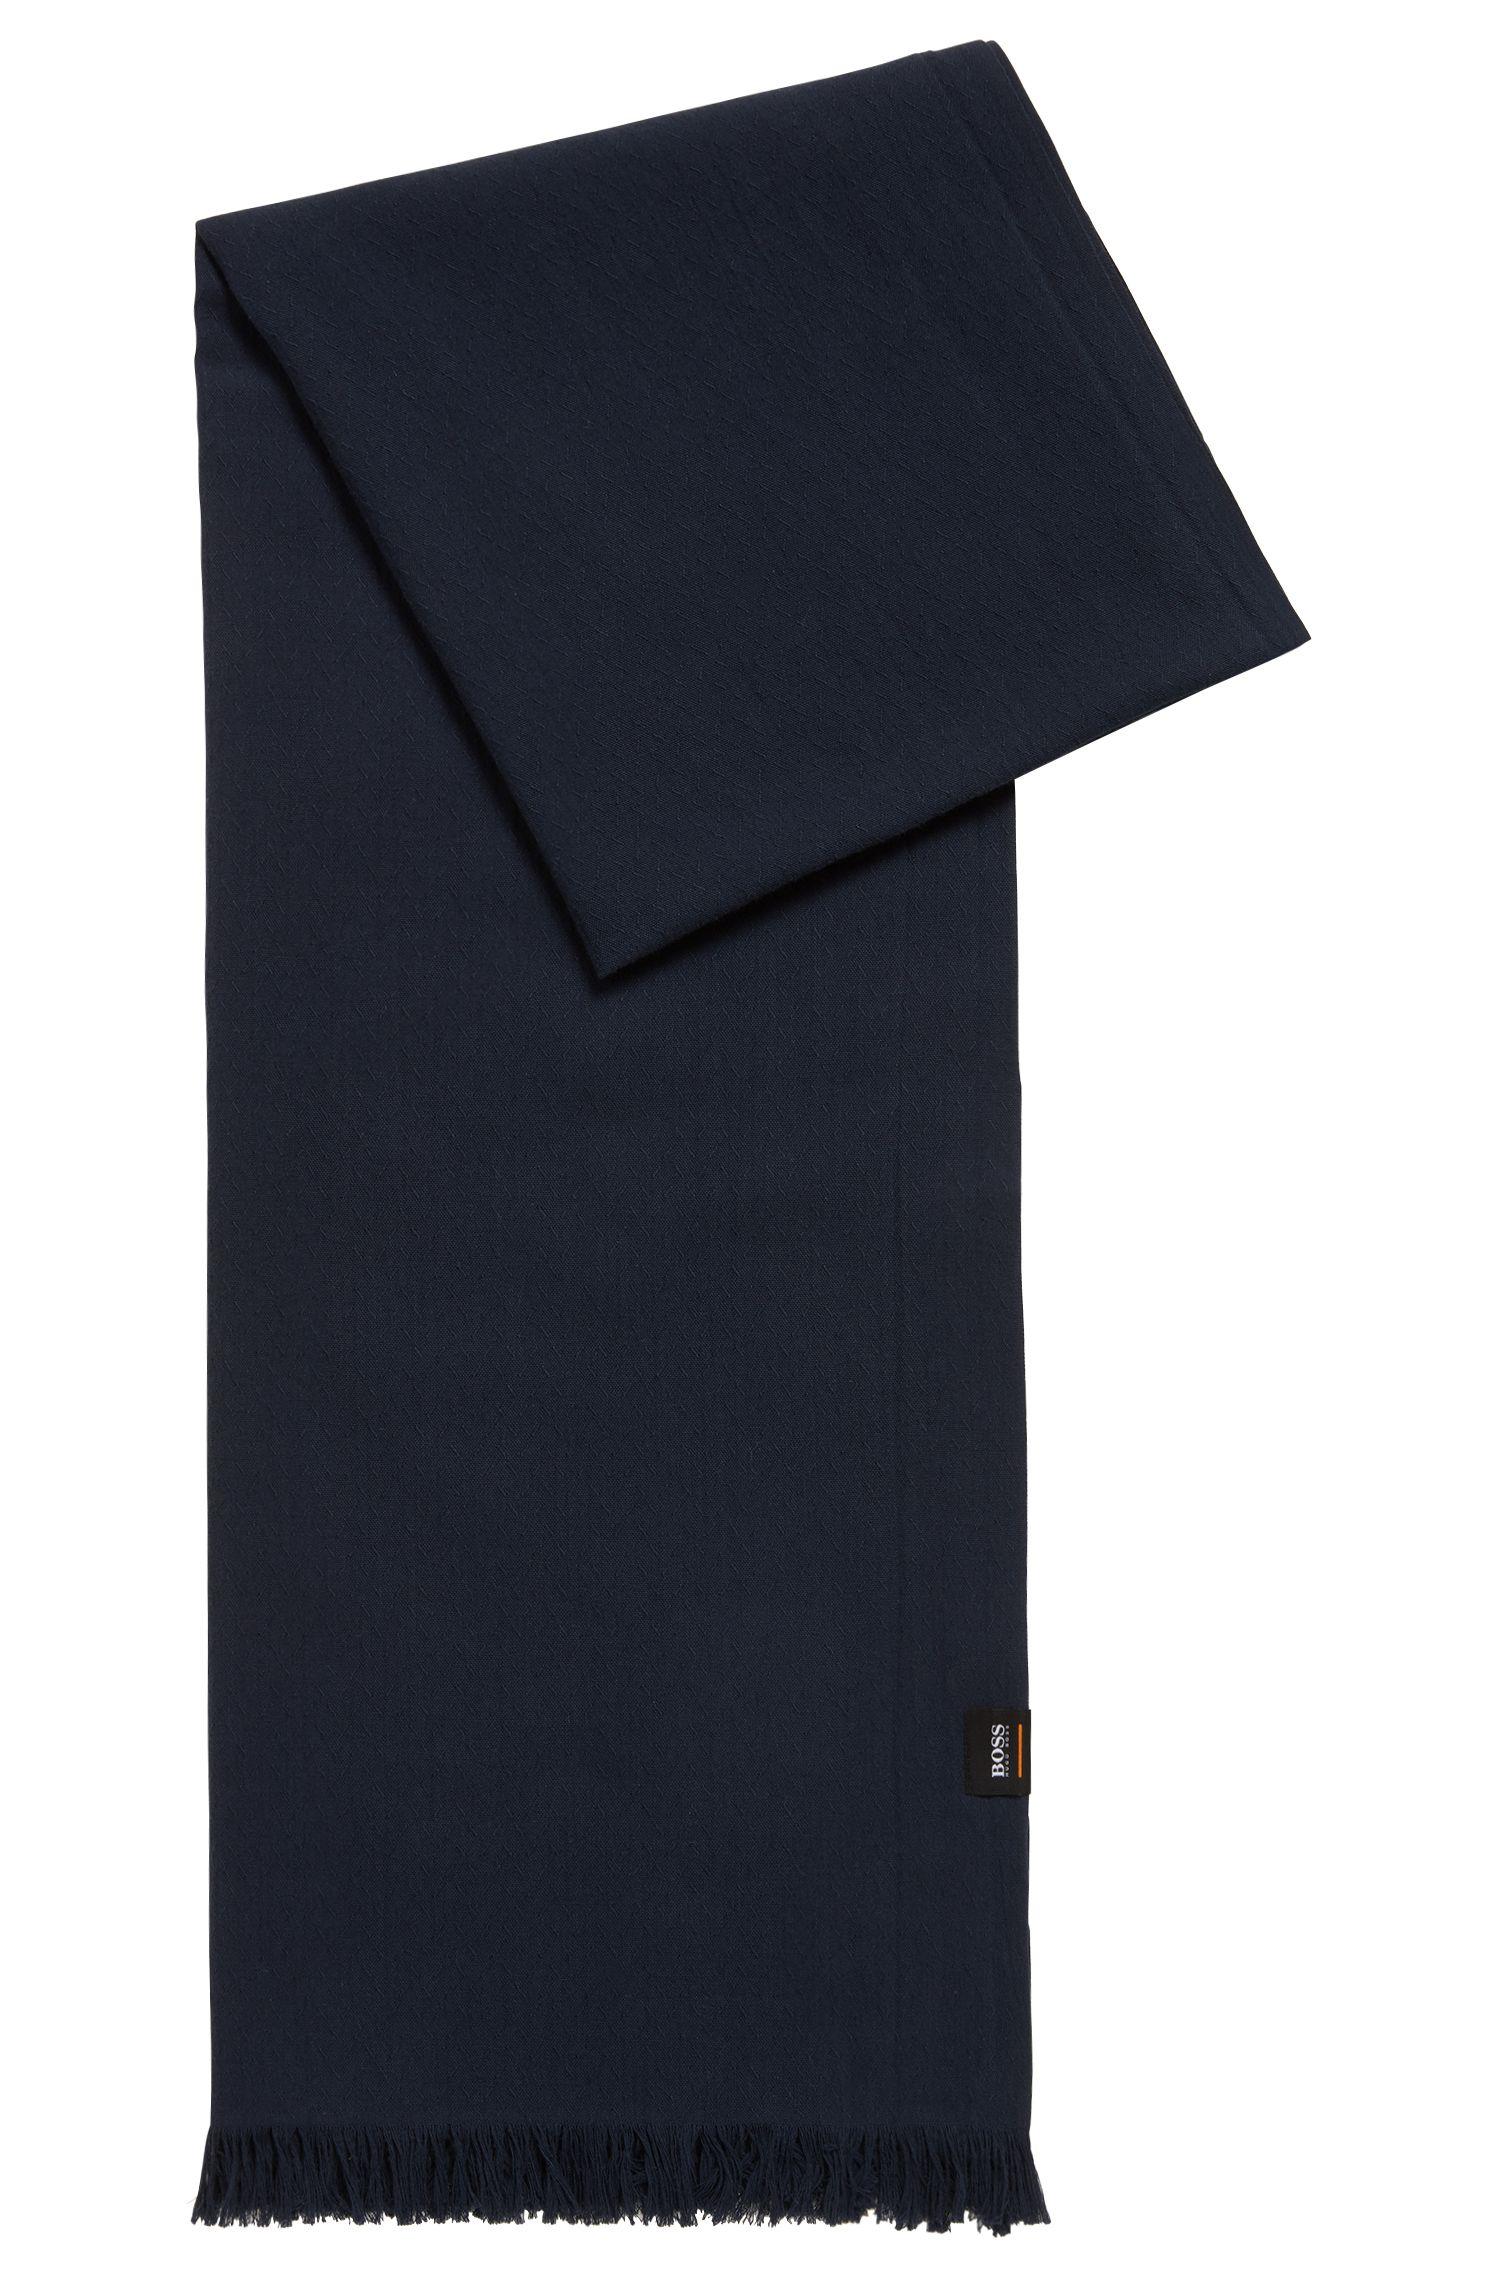 Pañuelo de algodón con microestampado integral, Azul oscuro